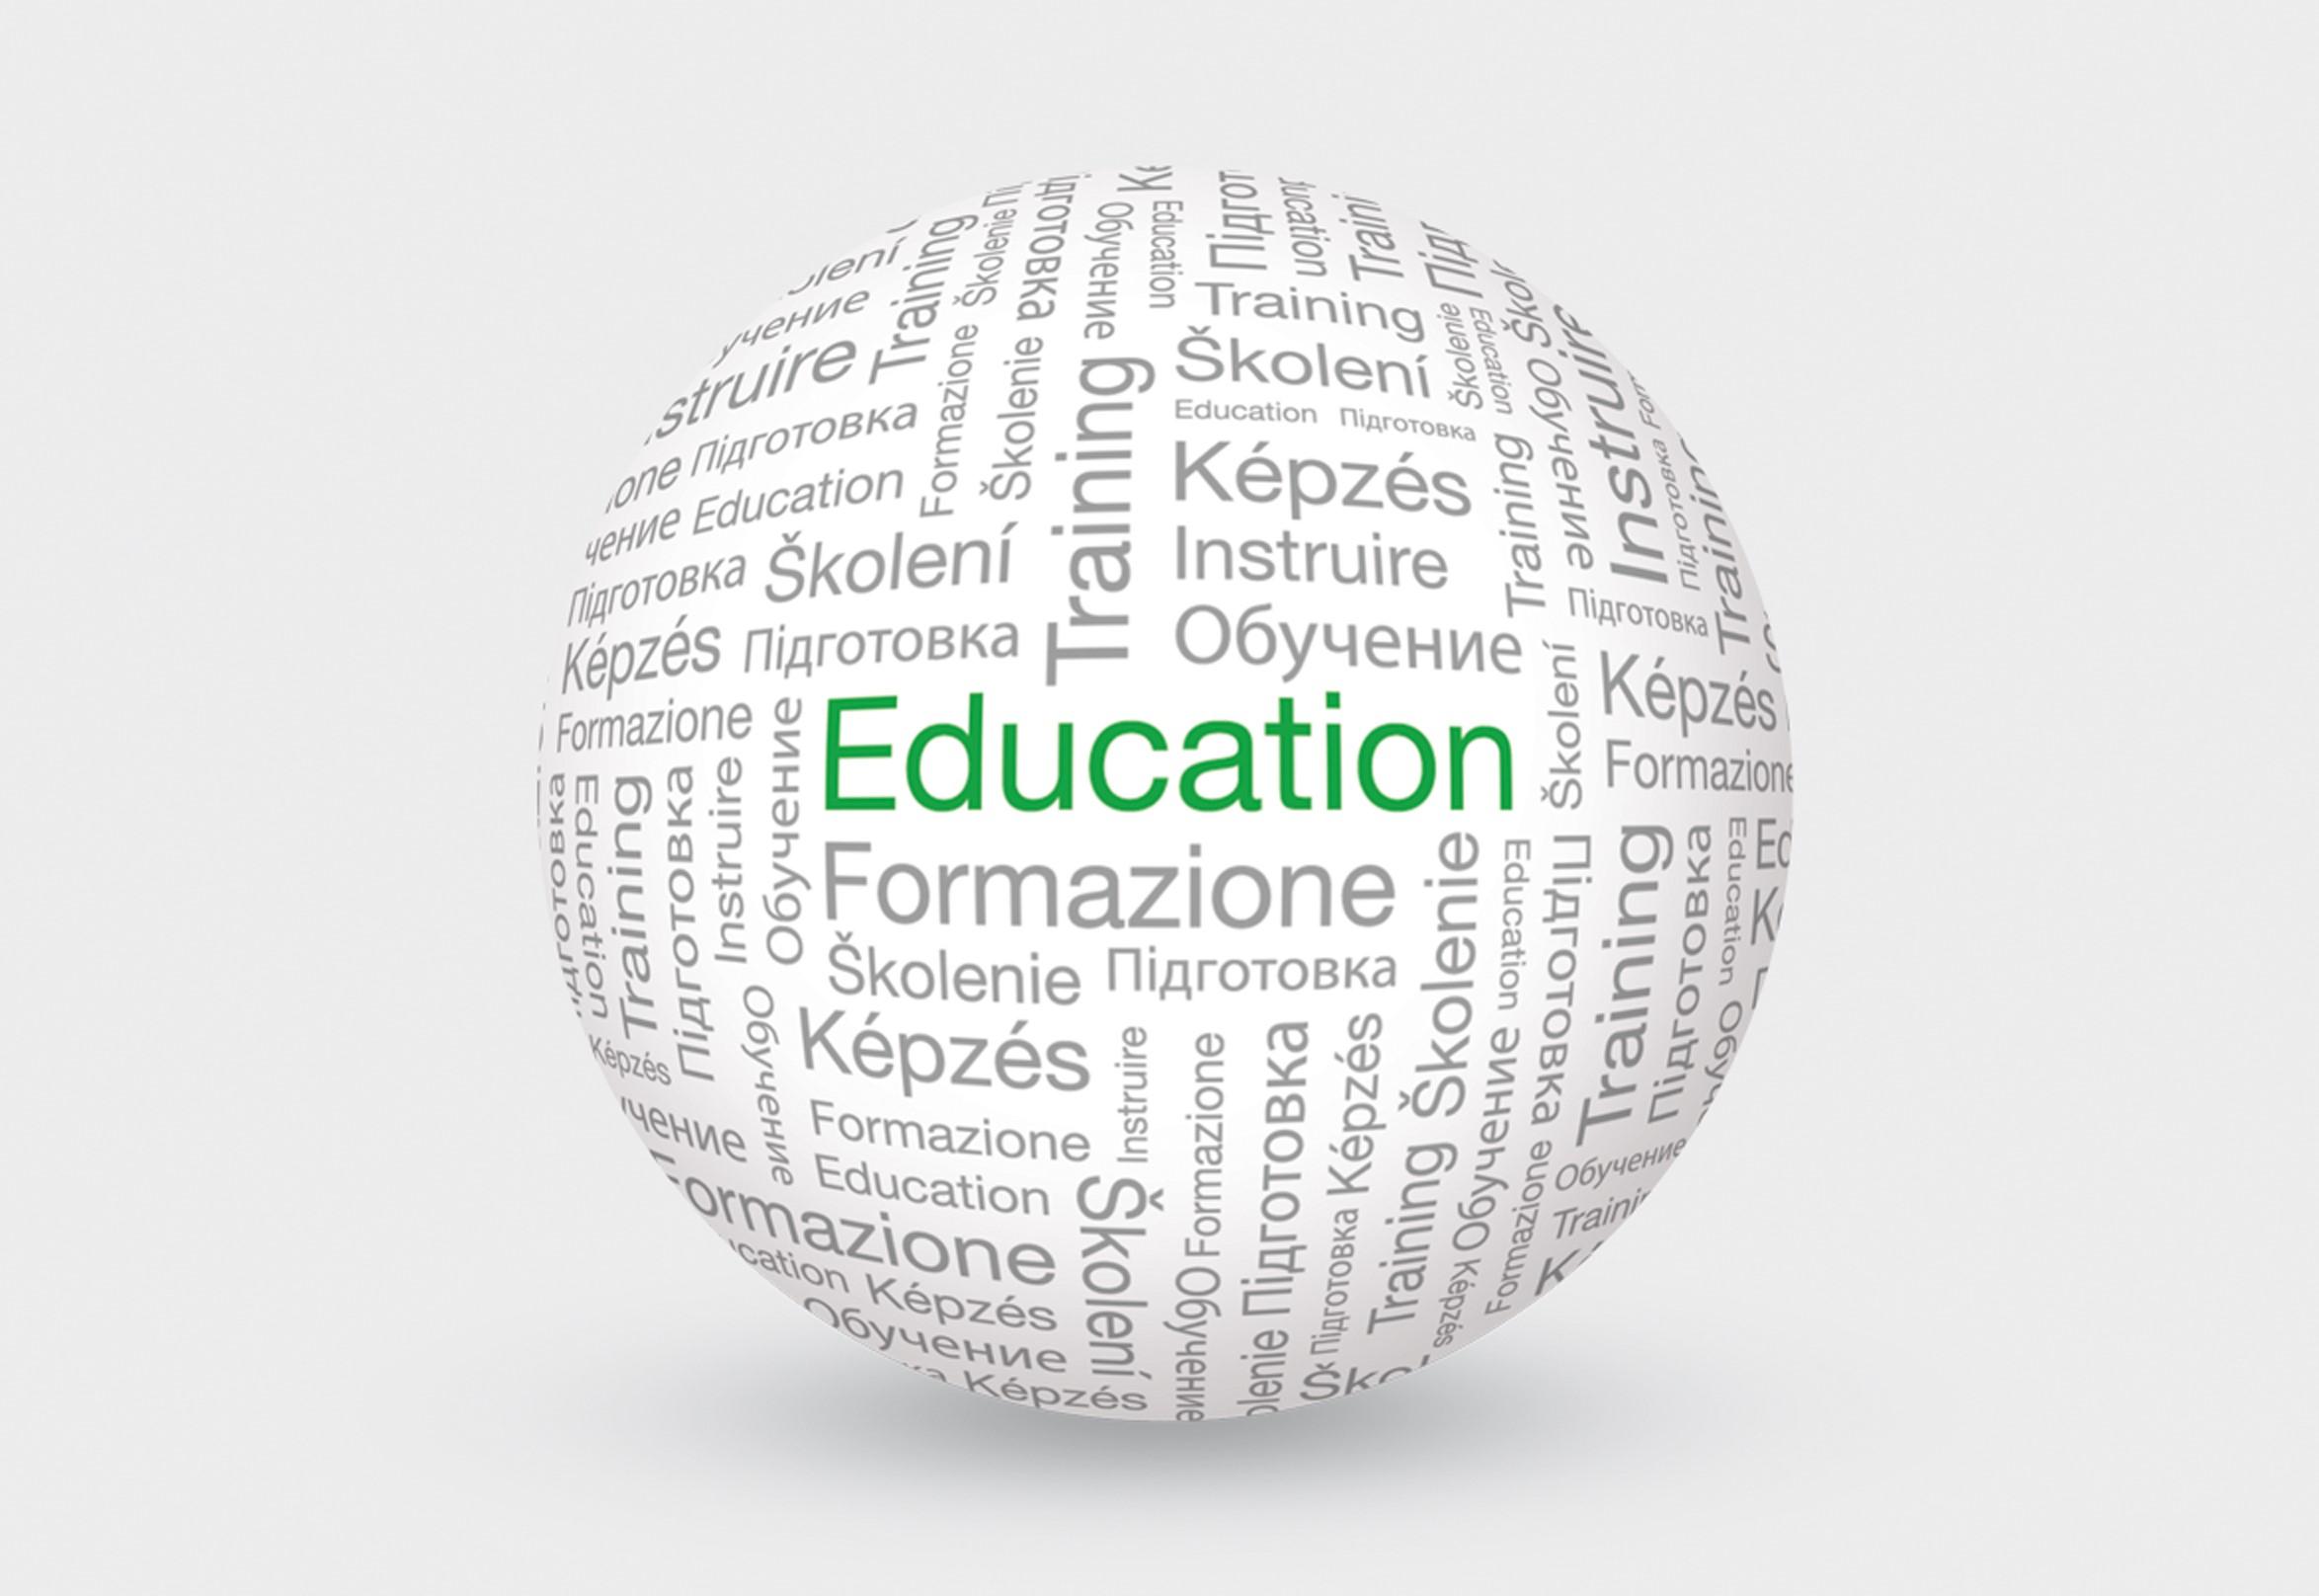 Siad_giornate_orientamento_professionale_formazione